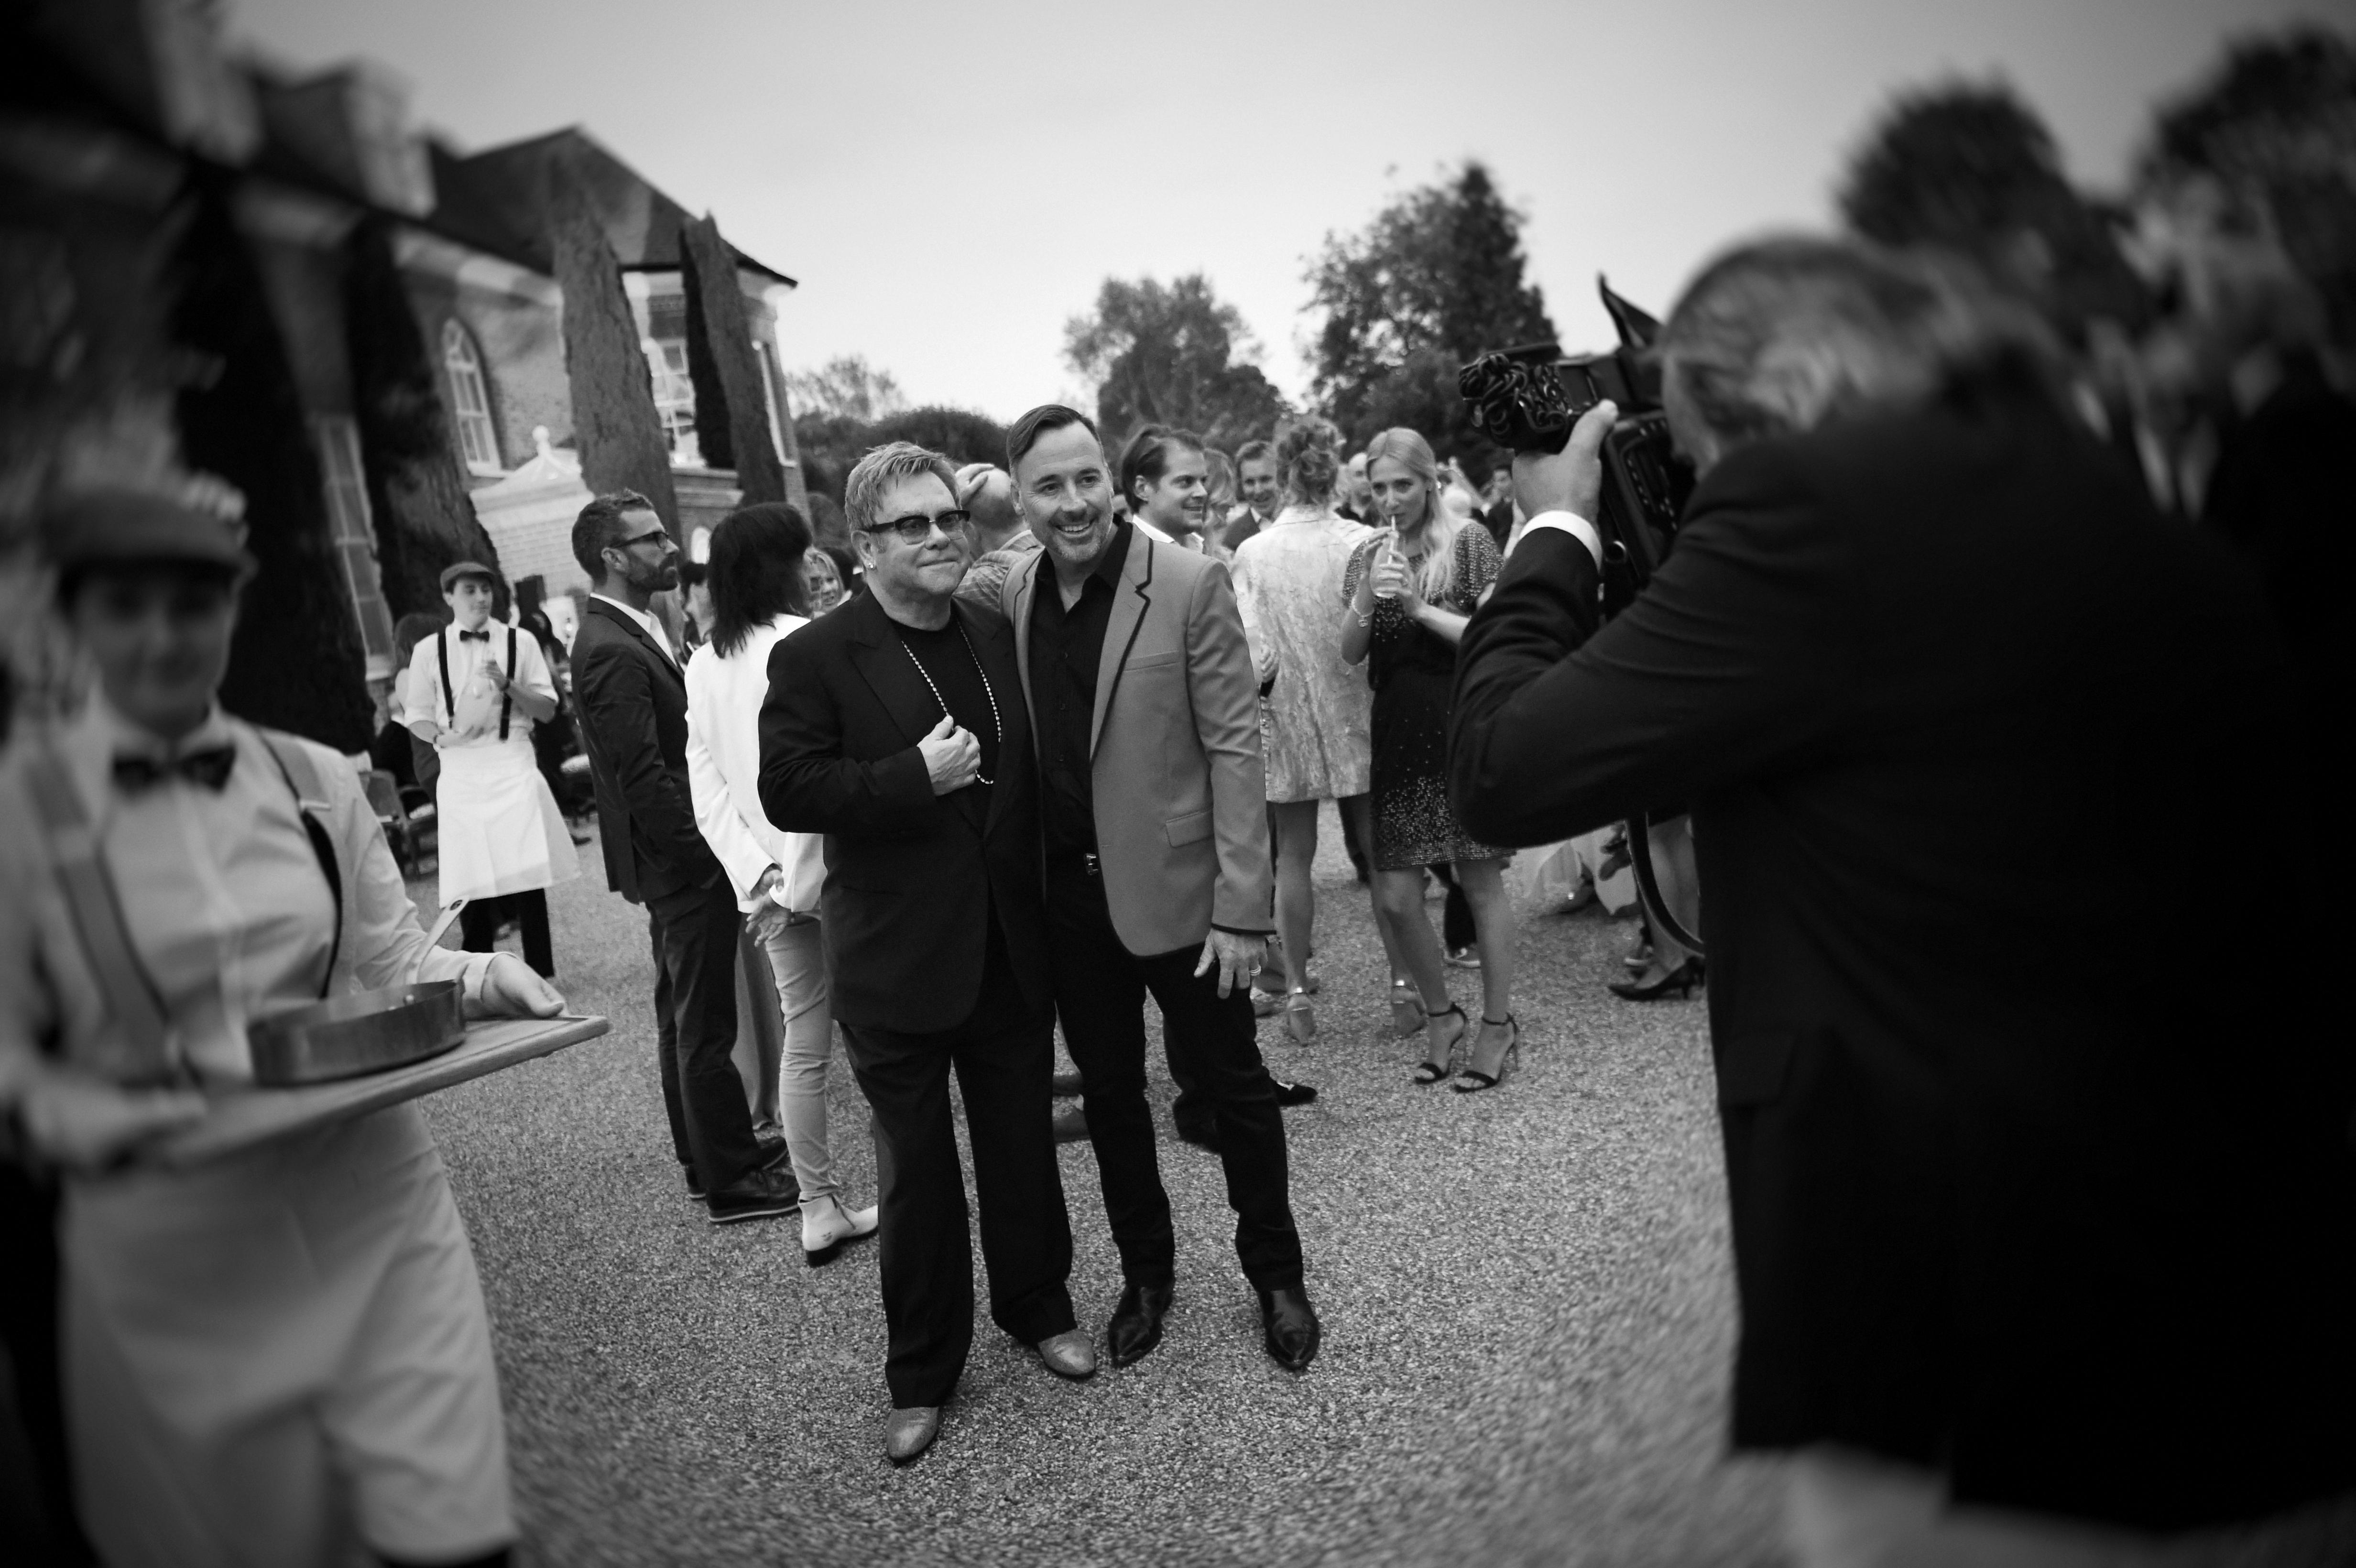 Elton John to Wed David Furnish This Weekend in England